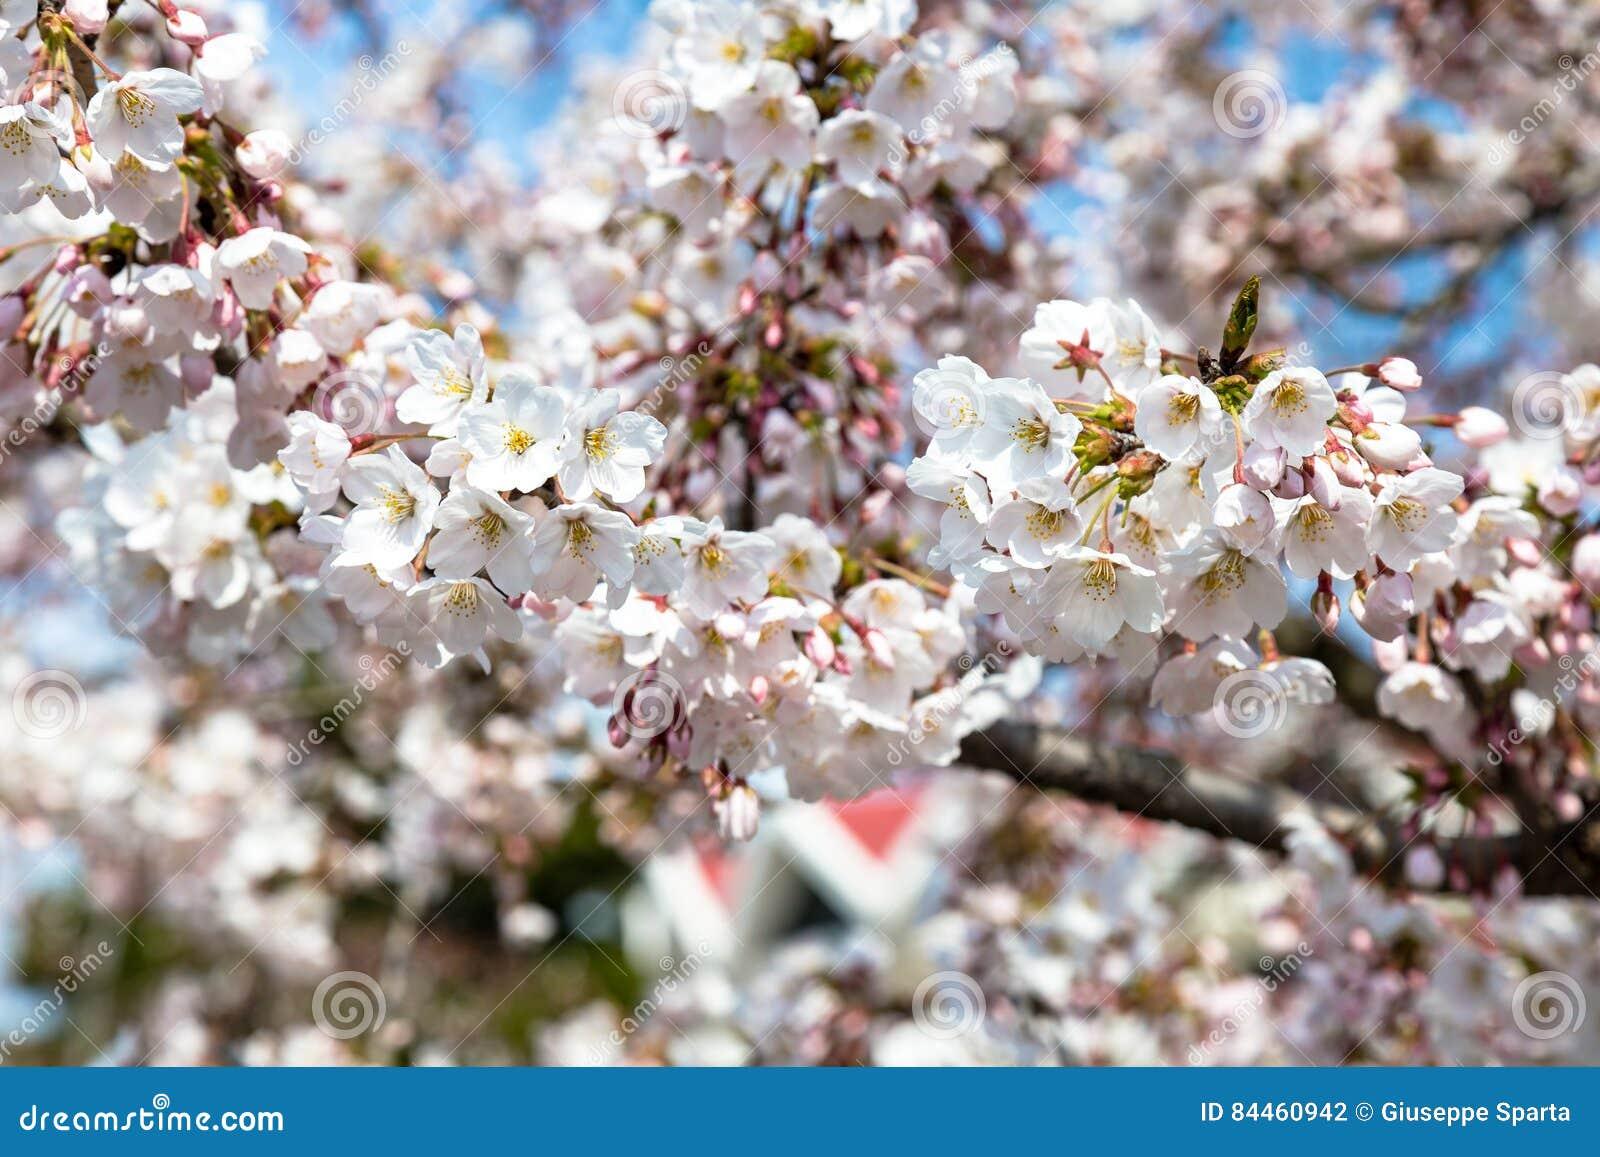 开花的樱花在中山公园在春天,青岛,中国